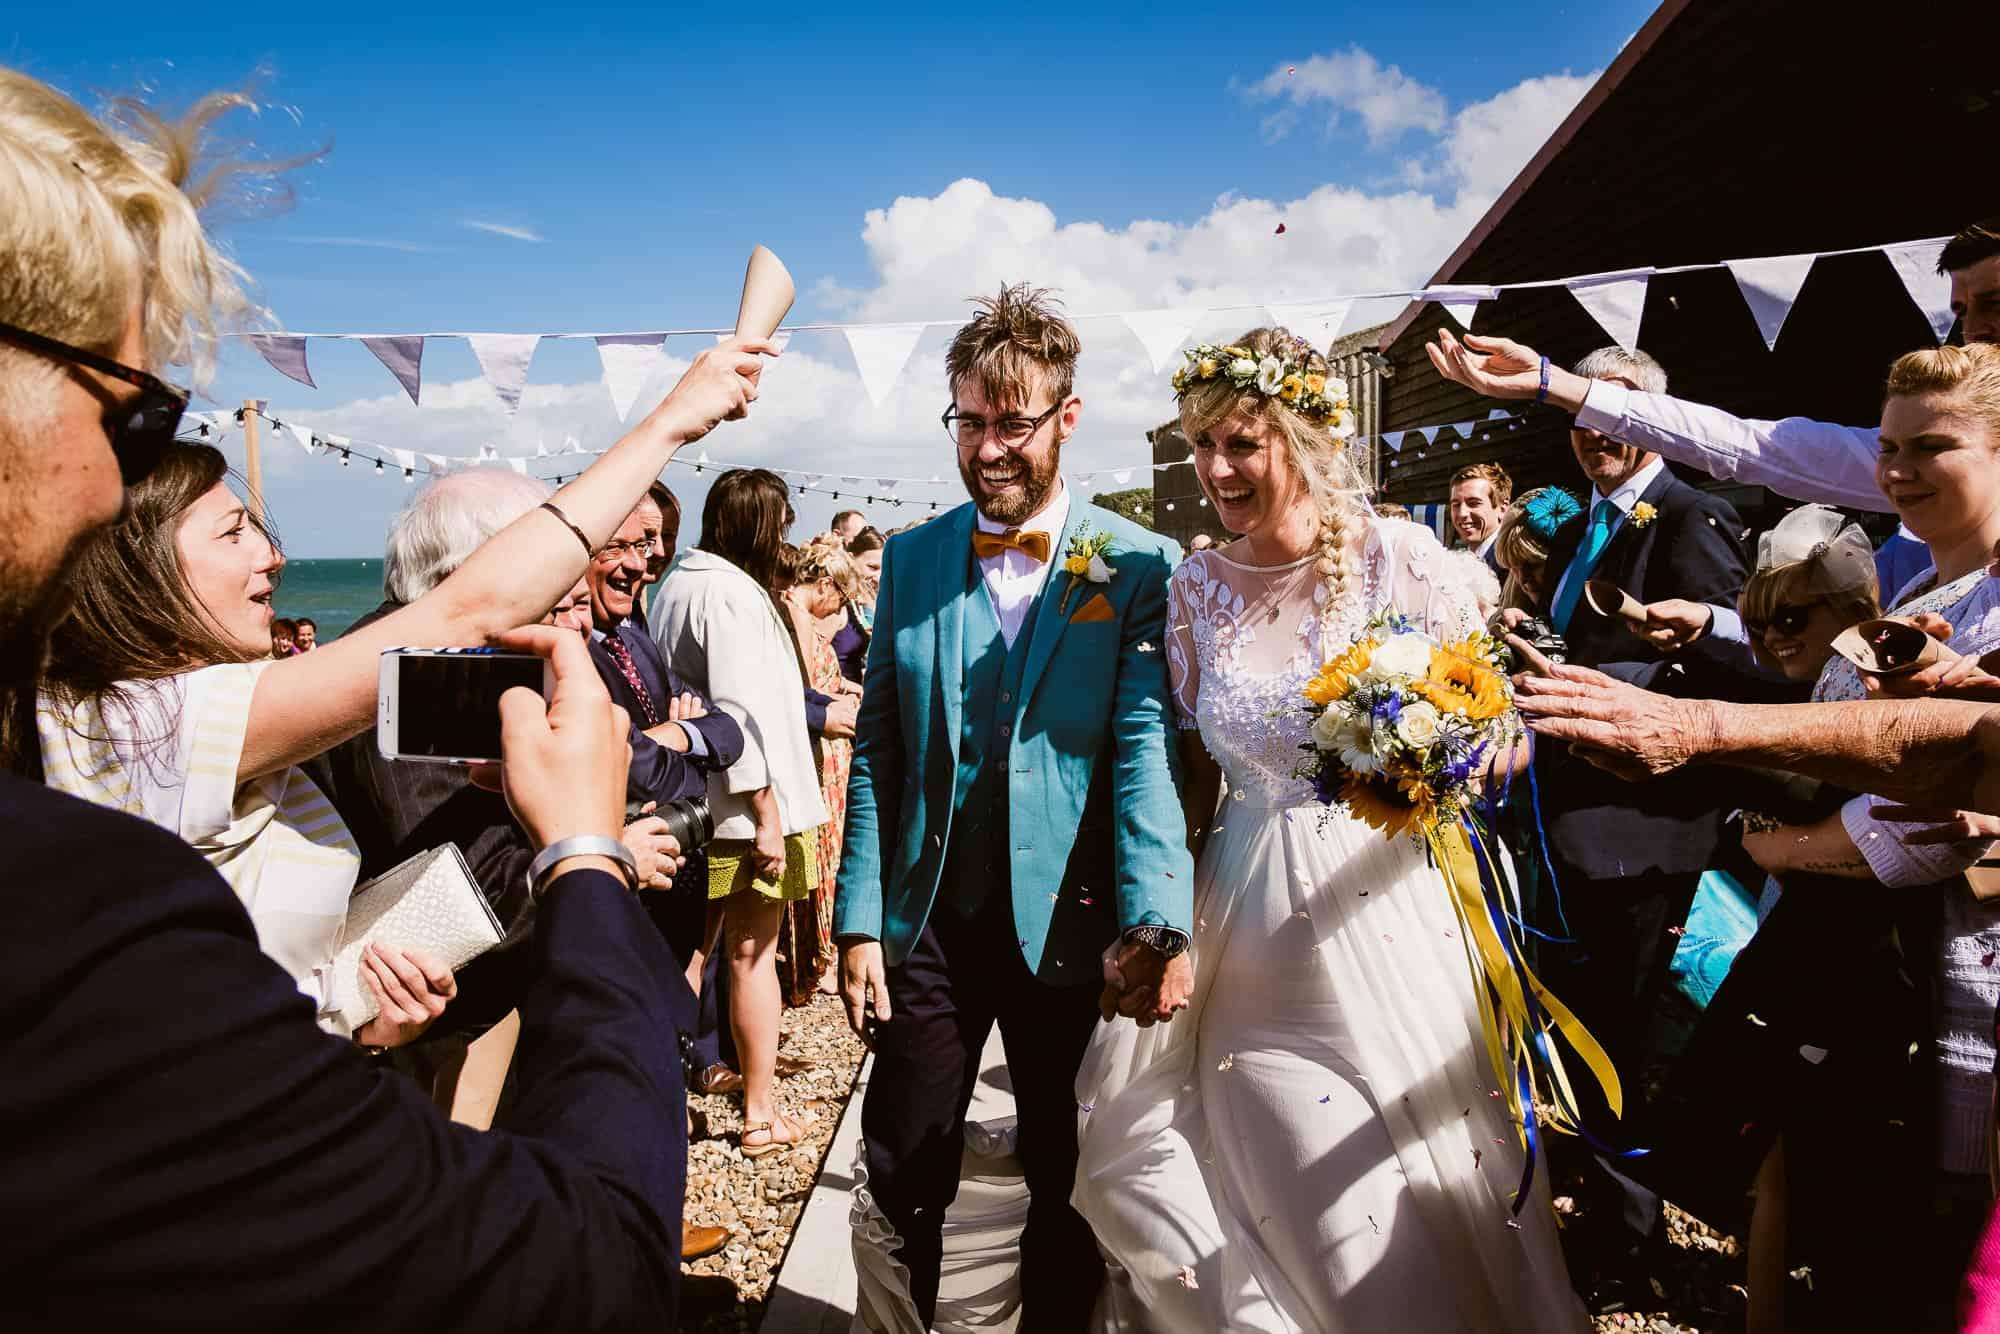 east-quay-wedding-photography-matt-tyler-0044